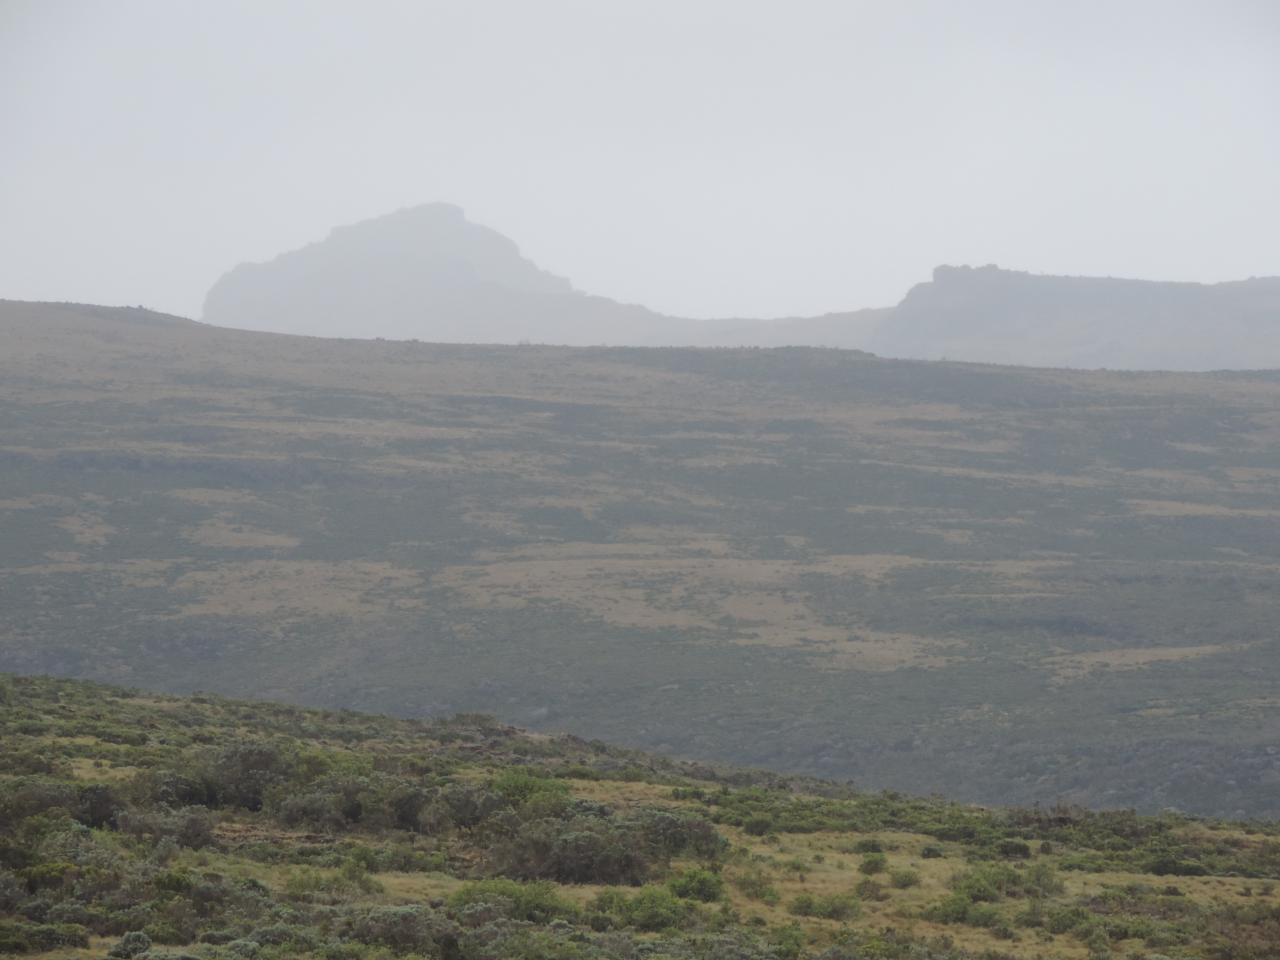 hike Mt Kenya, trekking trips Kenya, climbing mount Kenya, climbing Mount Kenya in Kenya,